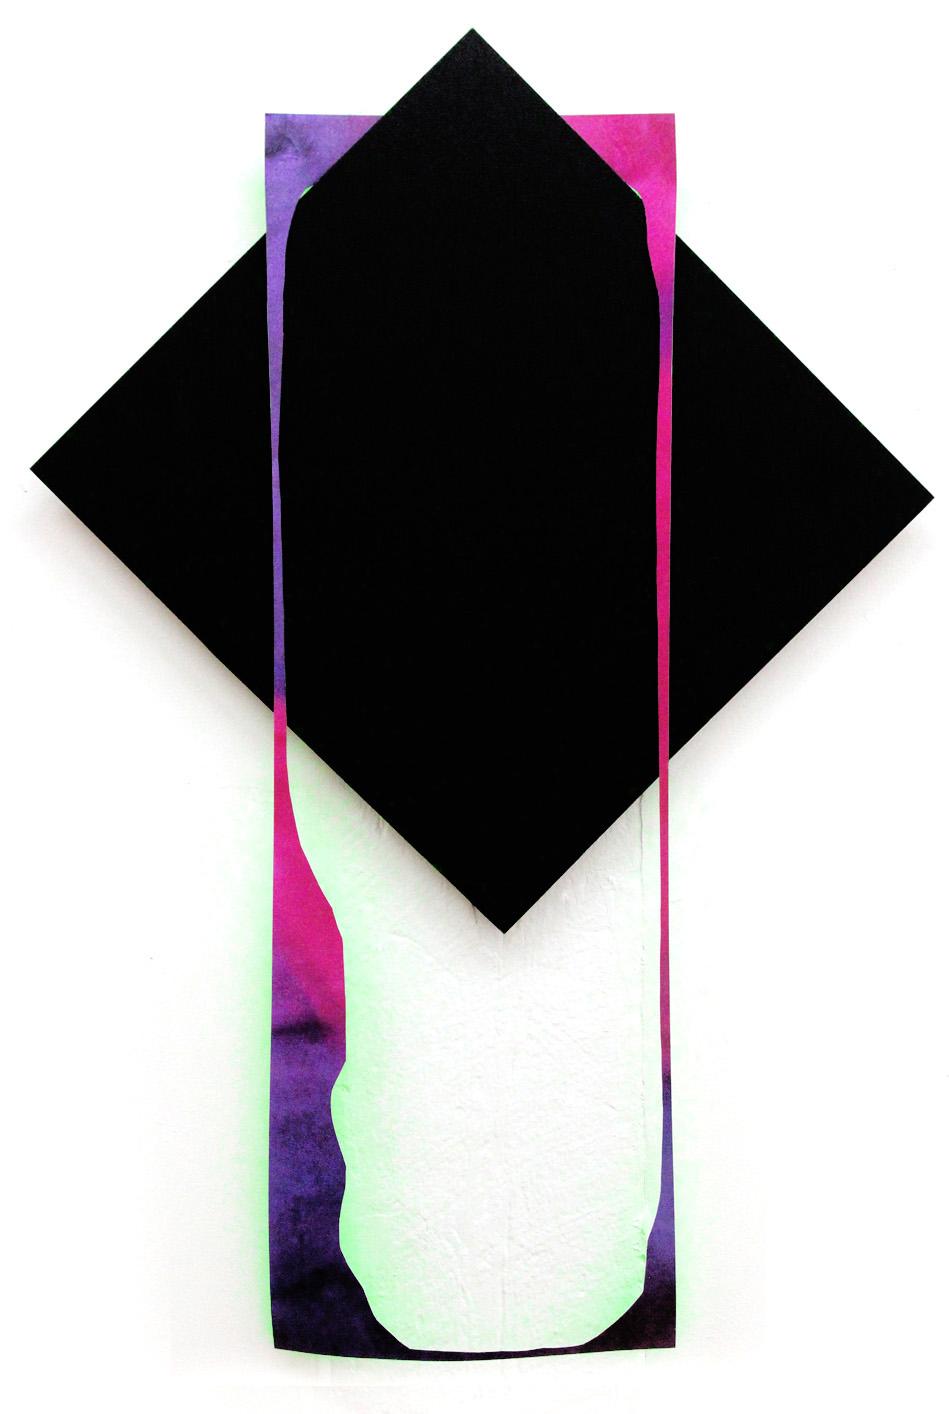 untitled black diamond3.jpg